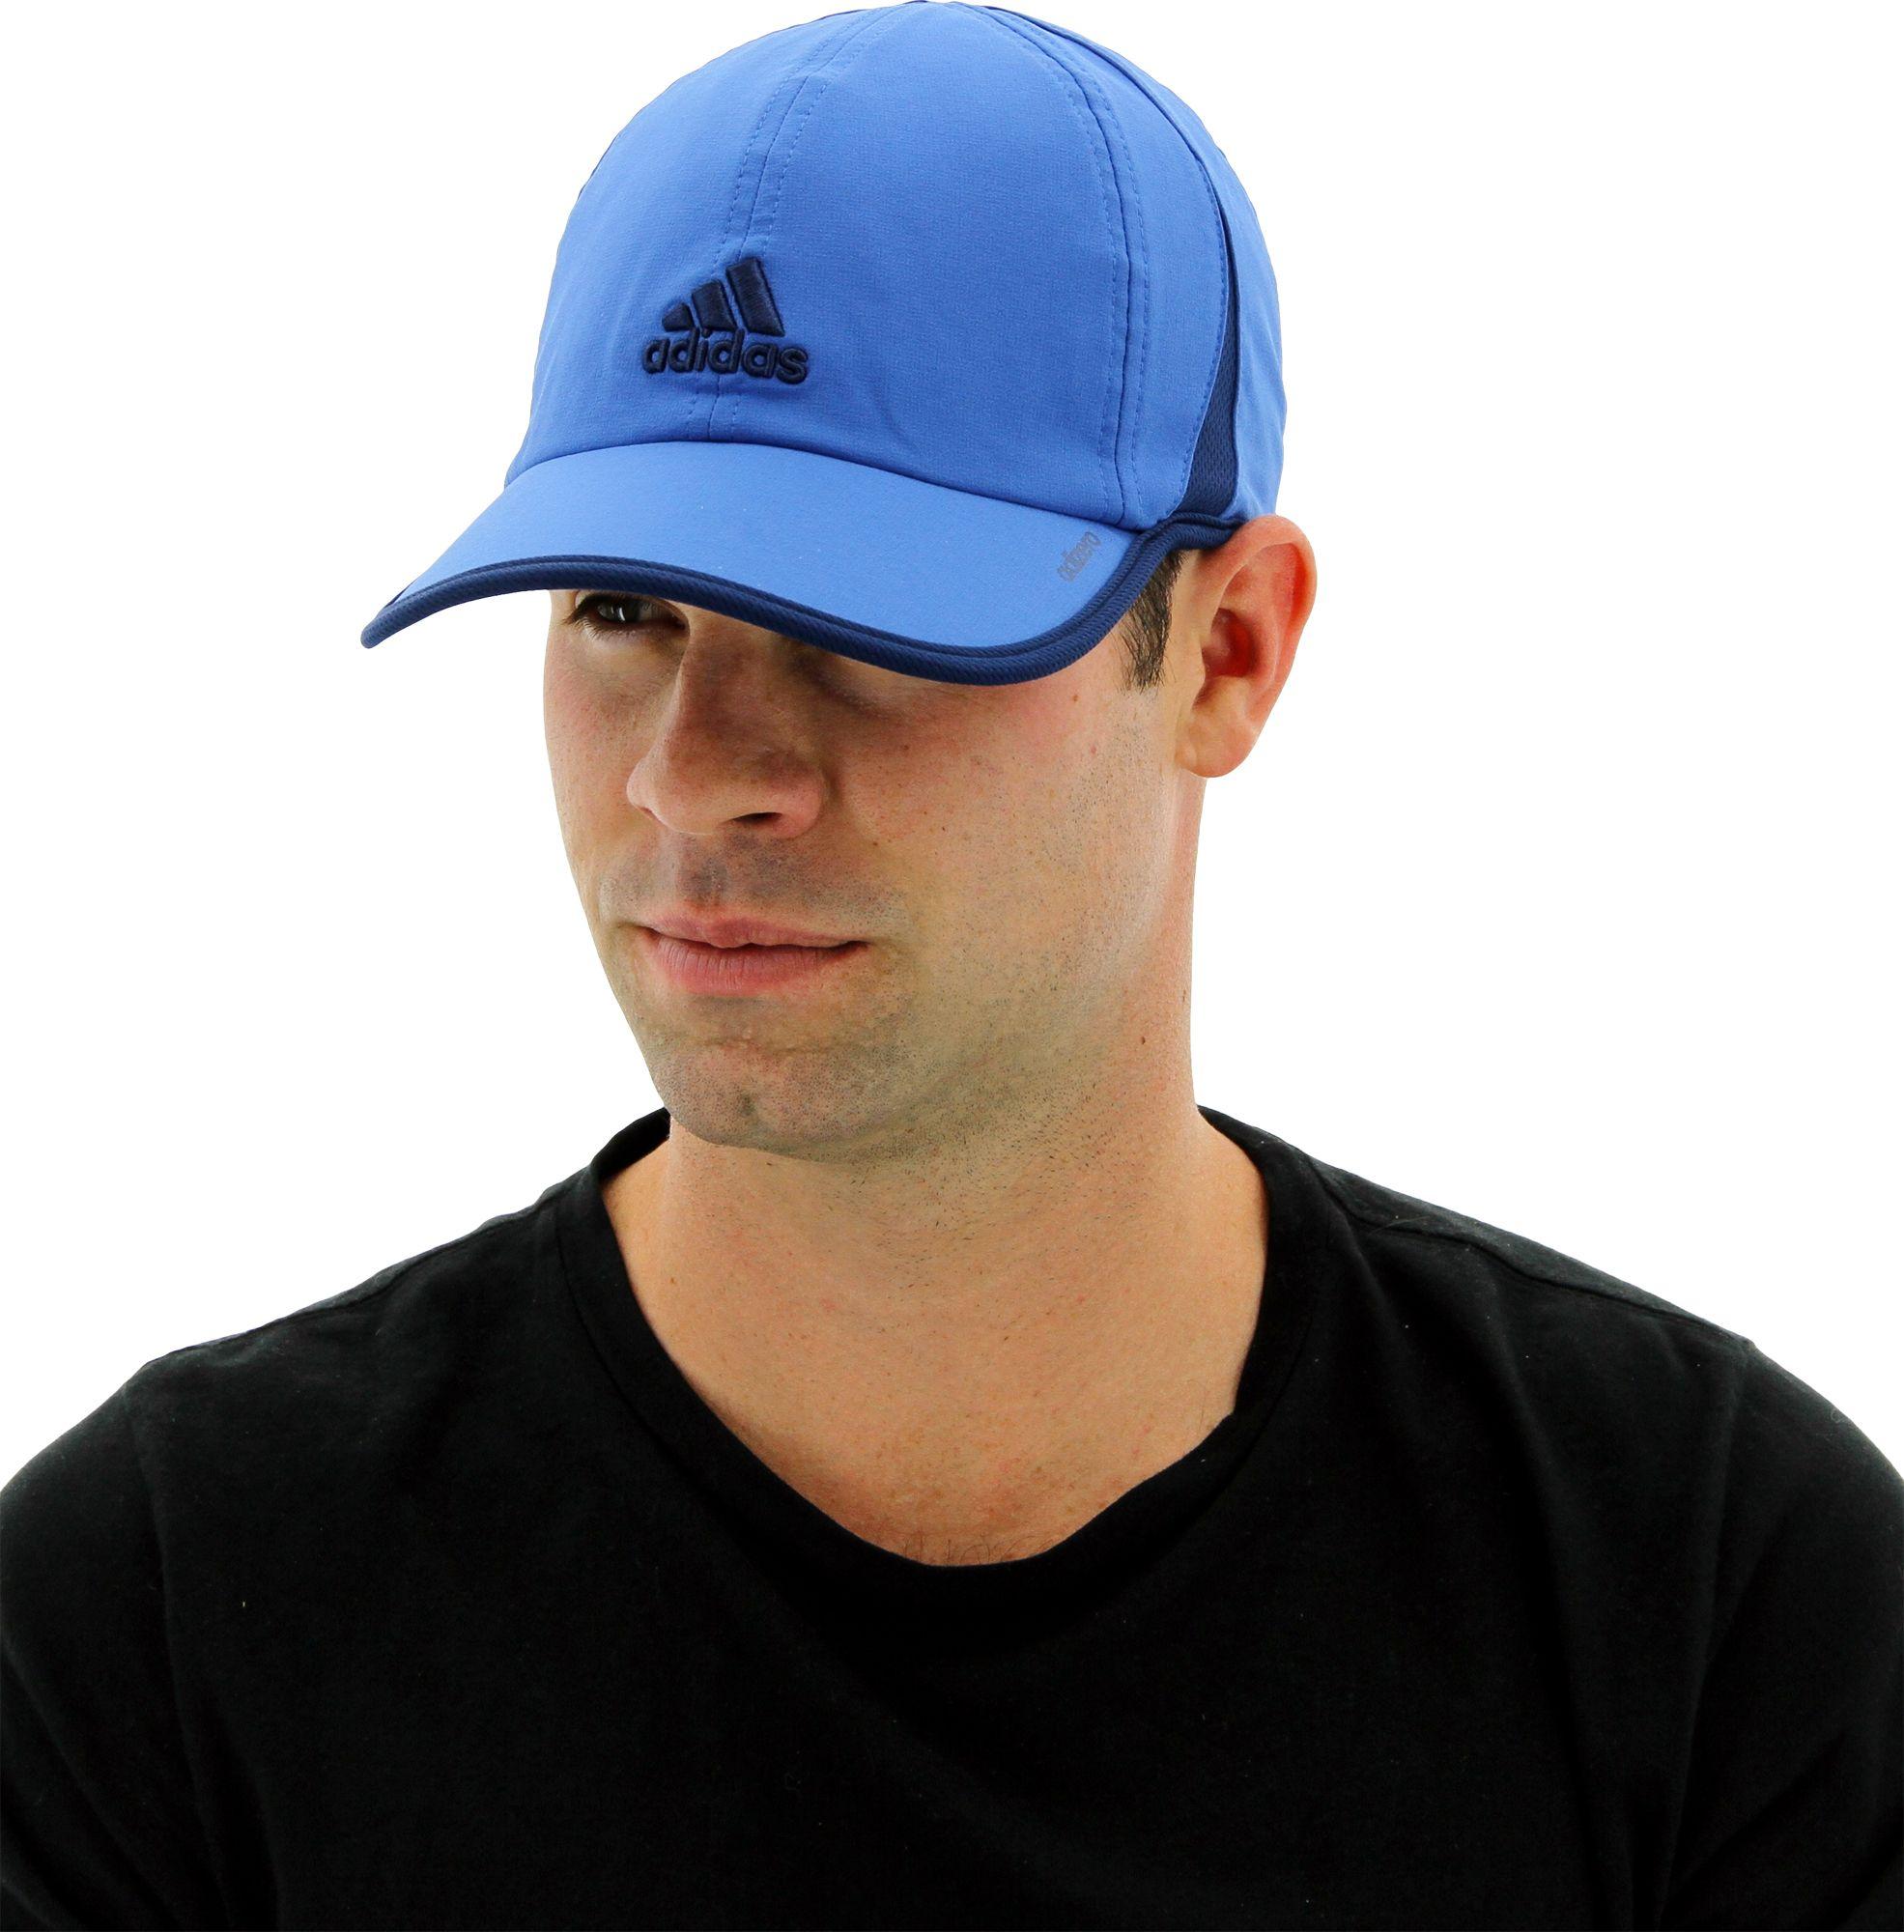 adidas Mens adiZero Adjustable Cap DICKS Sporting Goods